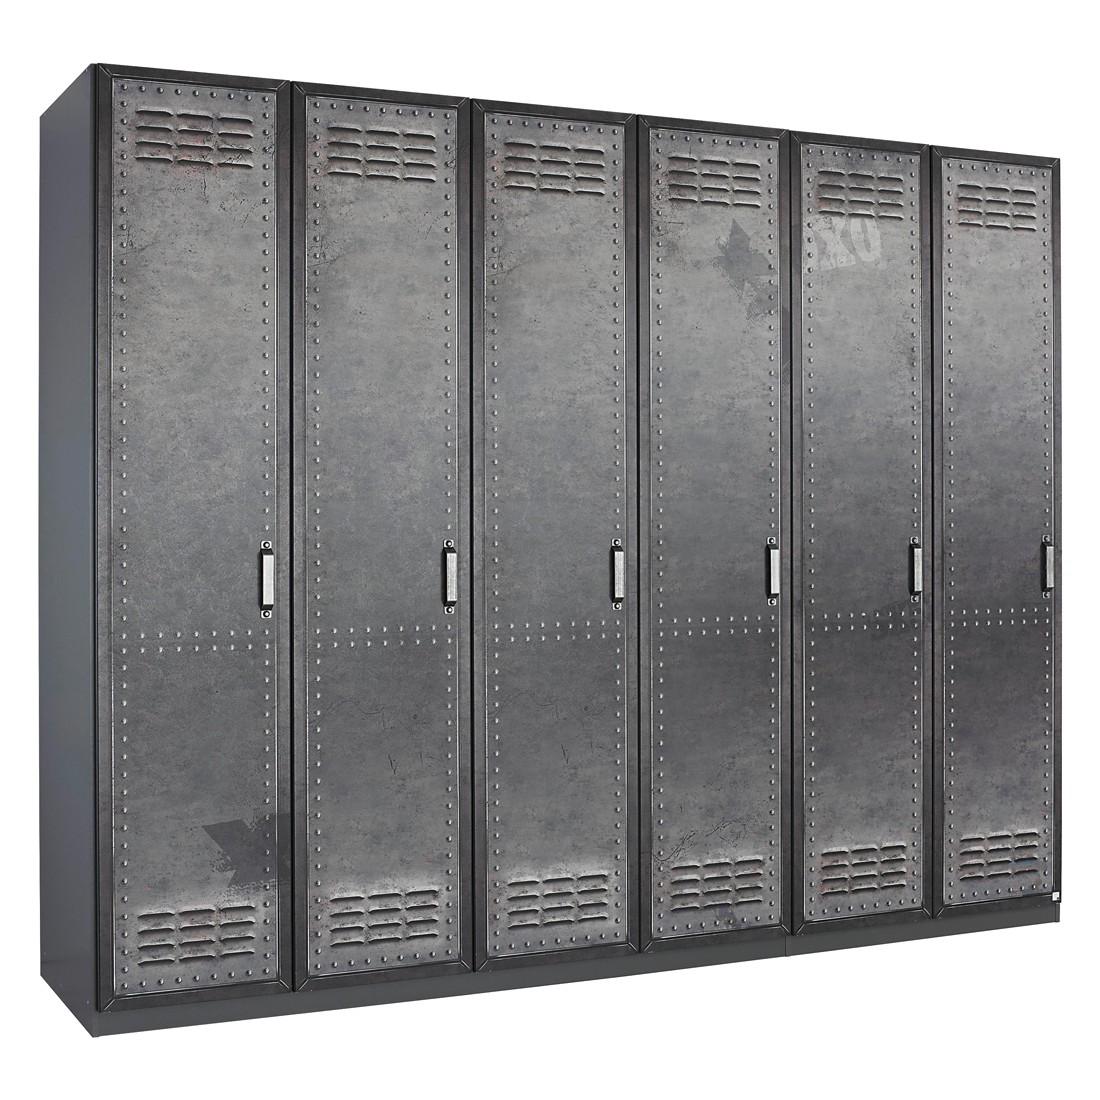 goedkoop Draaideurkast Workbase industrial print look grafietkleurig 181cm 4 deurs scharnieren links Rauch Select